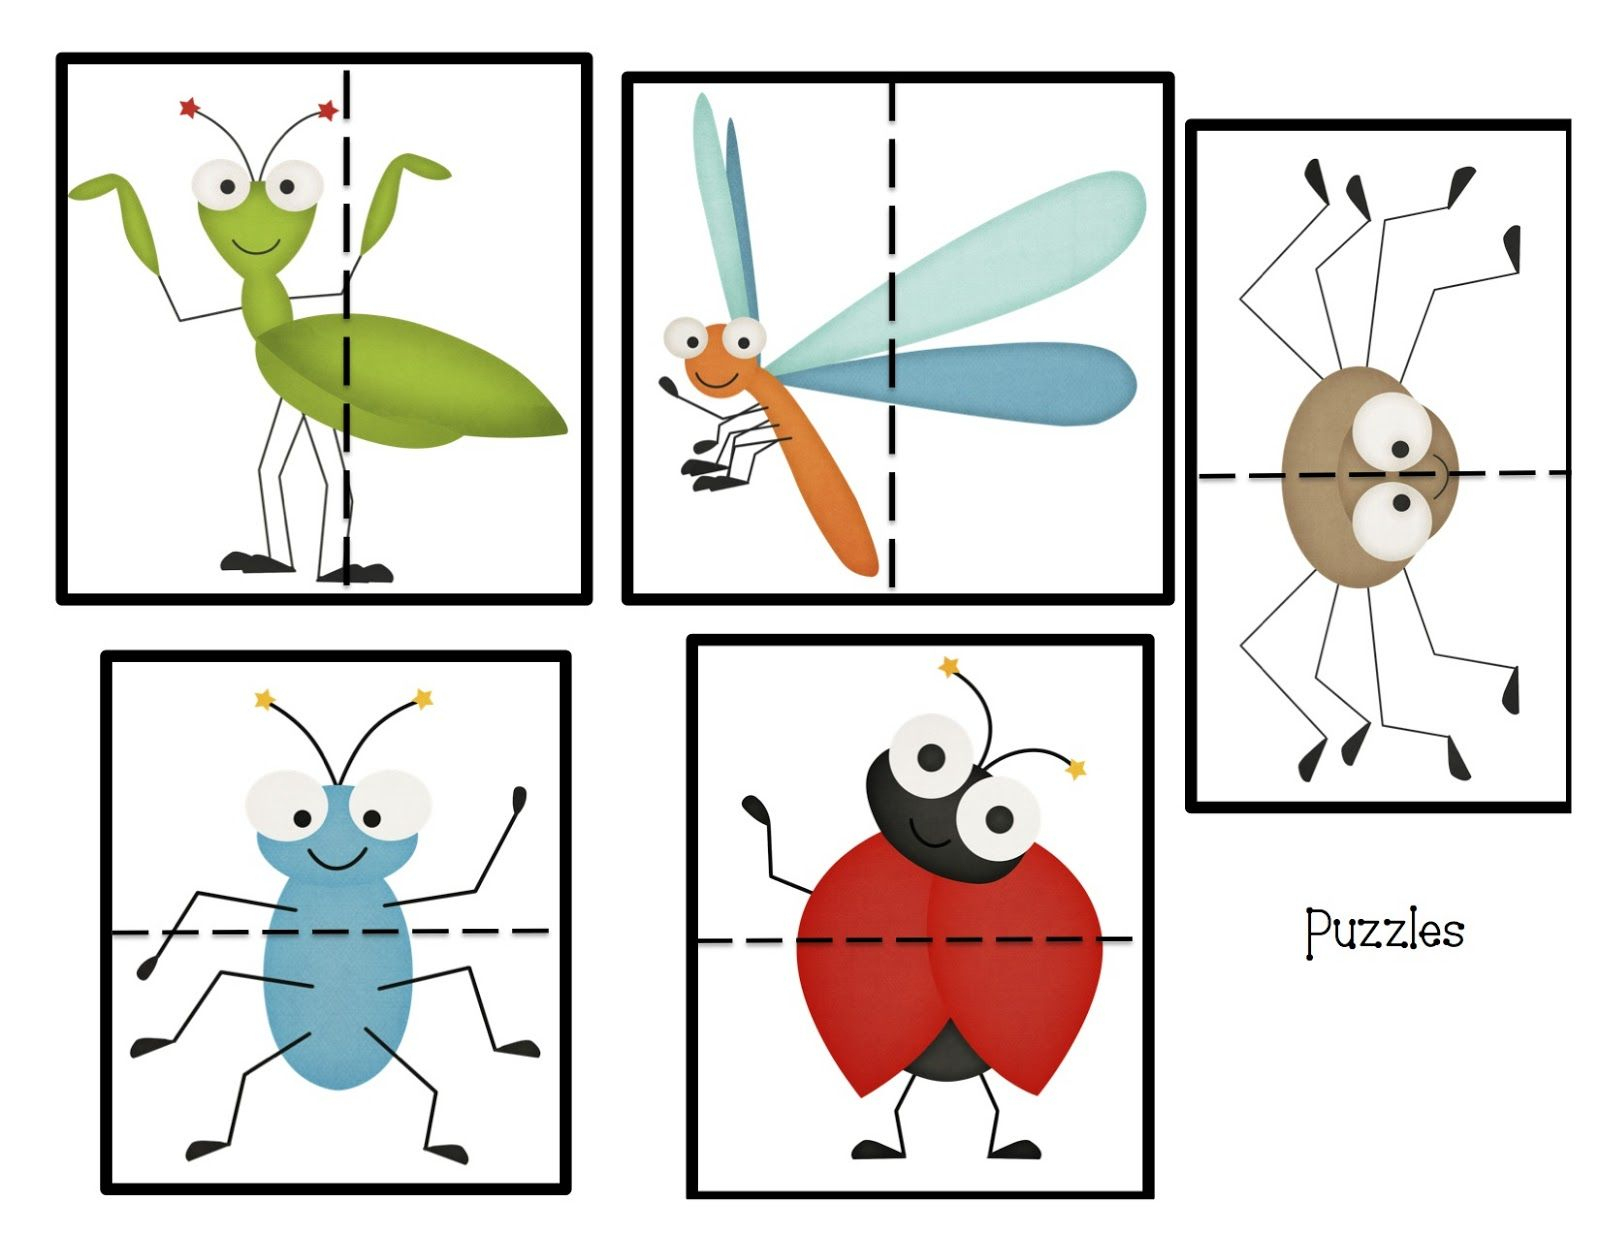 Bug Puzzles | Llenguatge Matemàtic - Printable Bug Puzzles